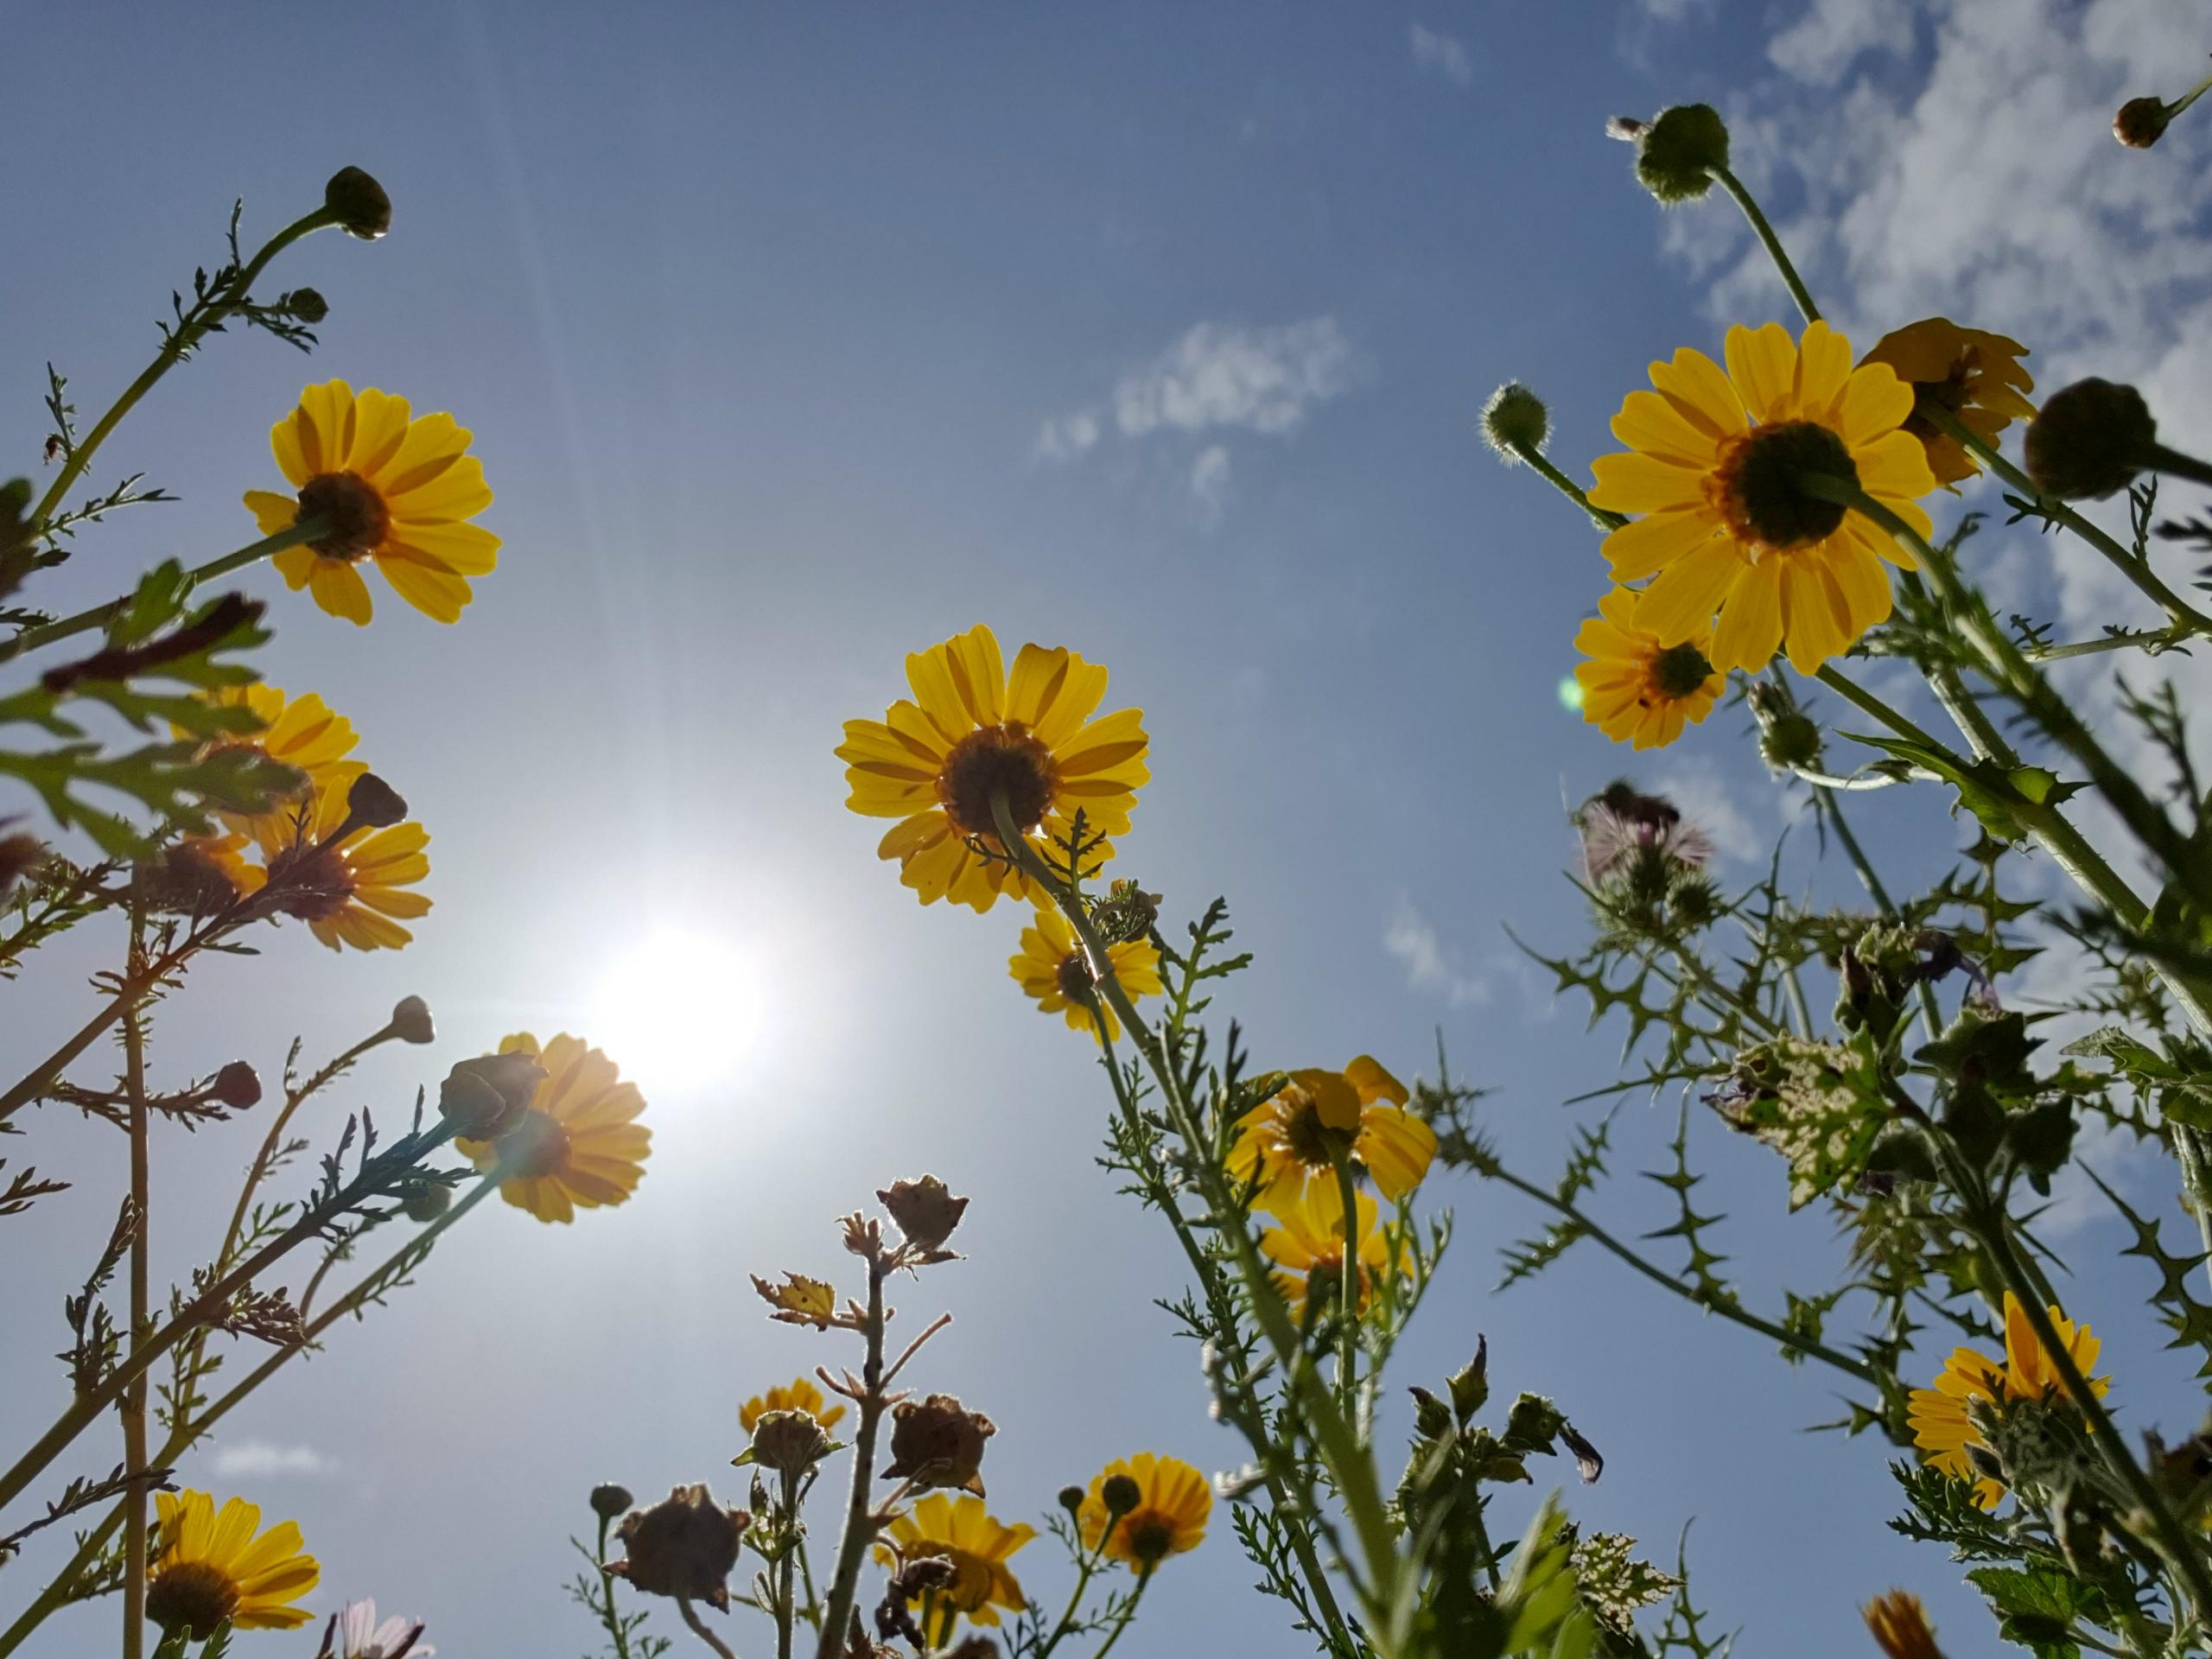 olhando para uma ideia de fotografia de telefone de flores